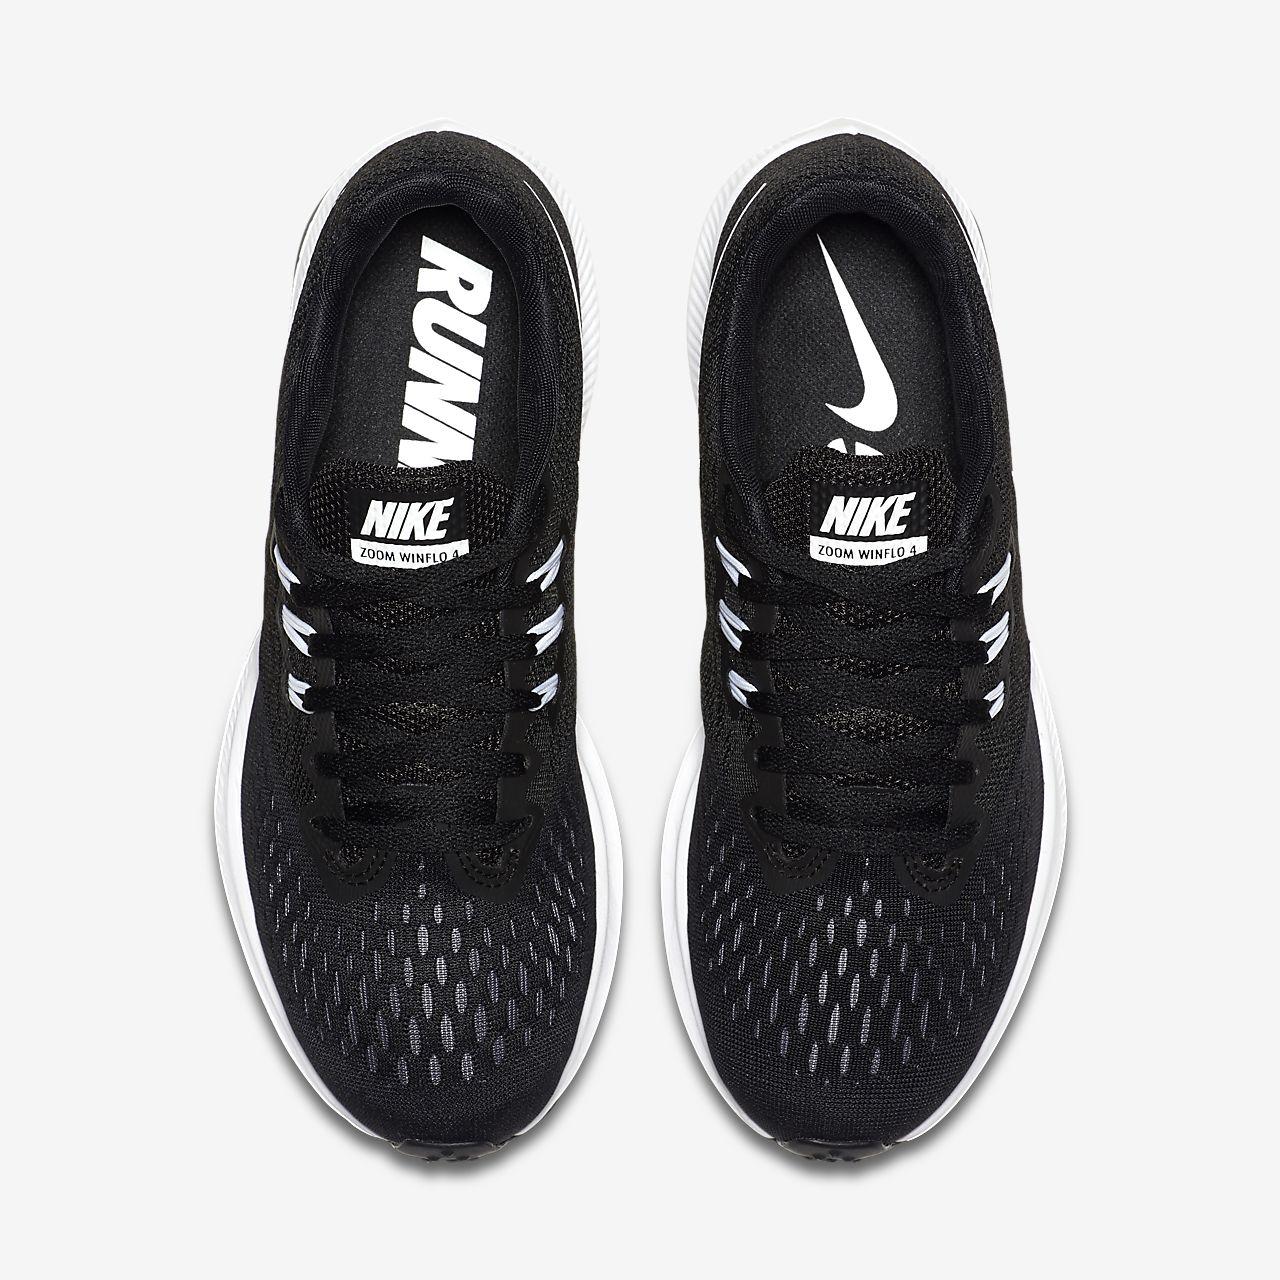 24751823b17eac ... Nike Zoom Winflo 4 Women s Running Shoe